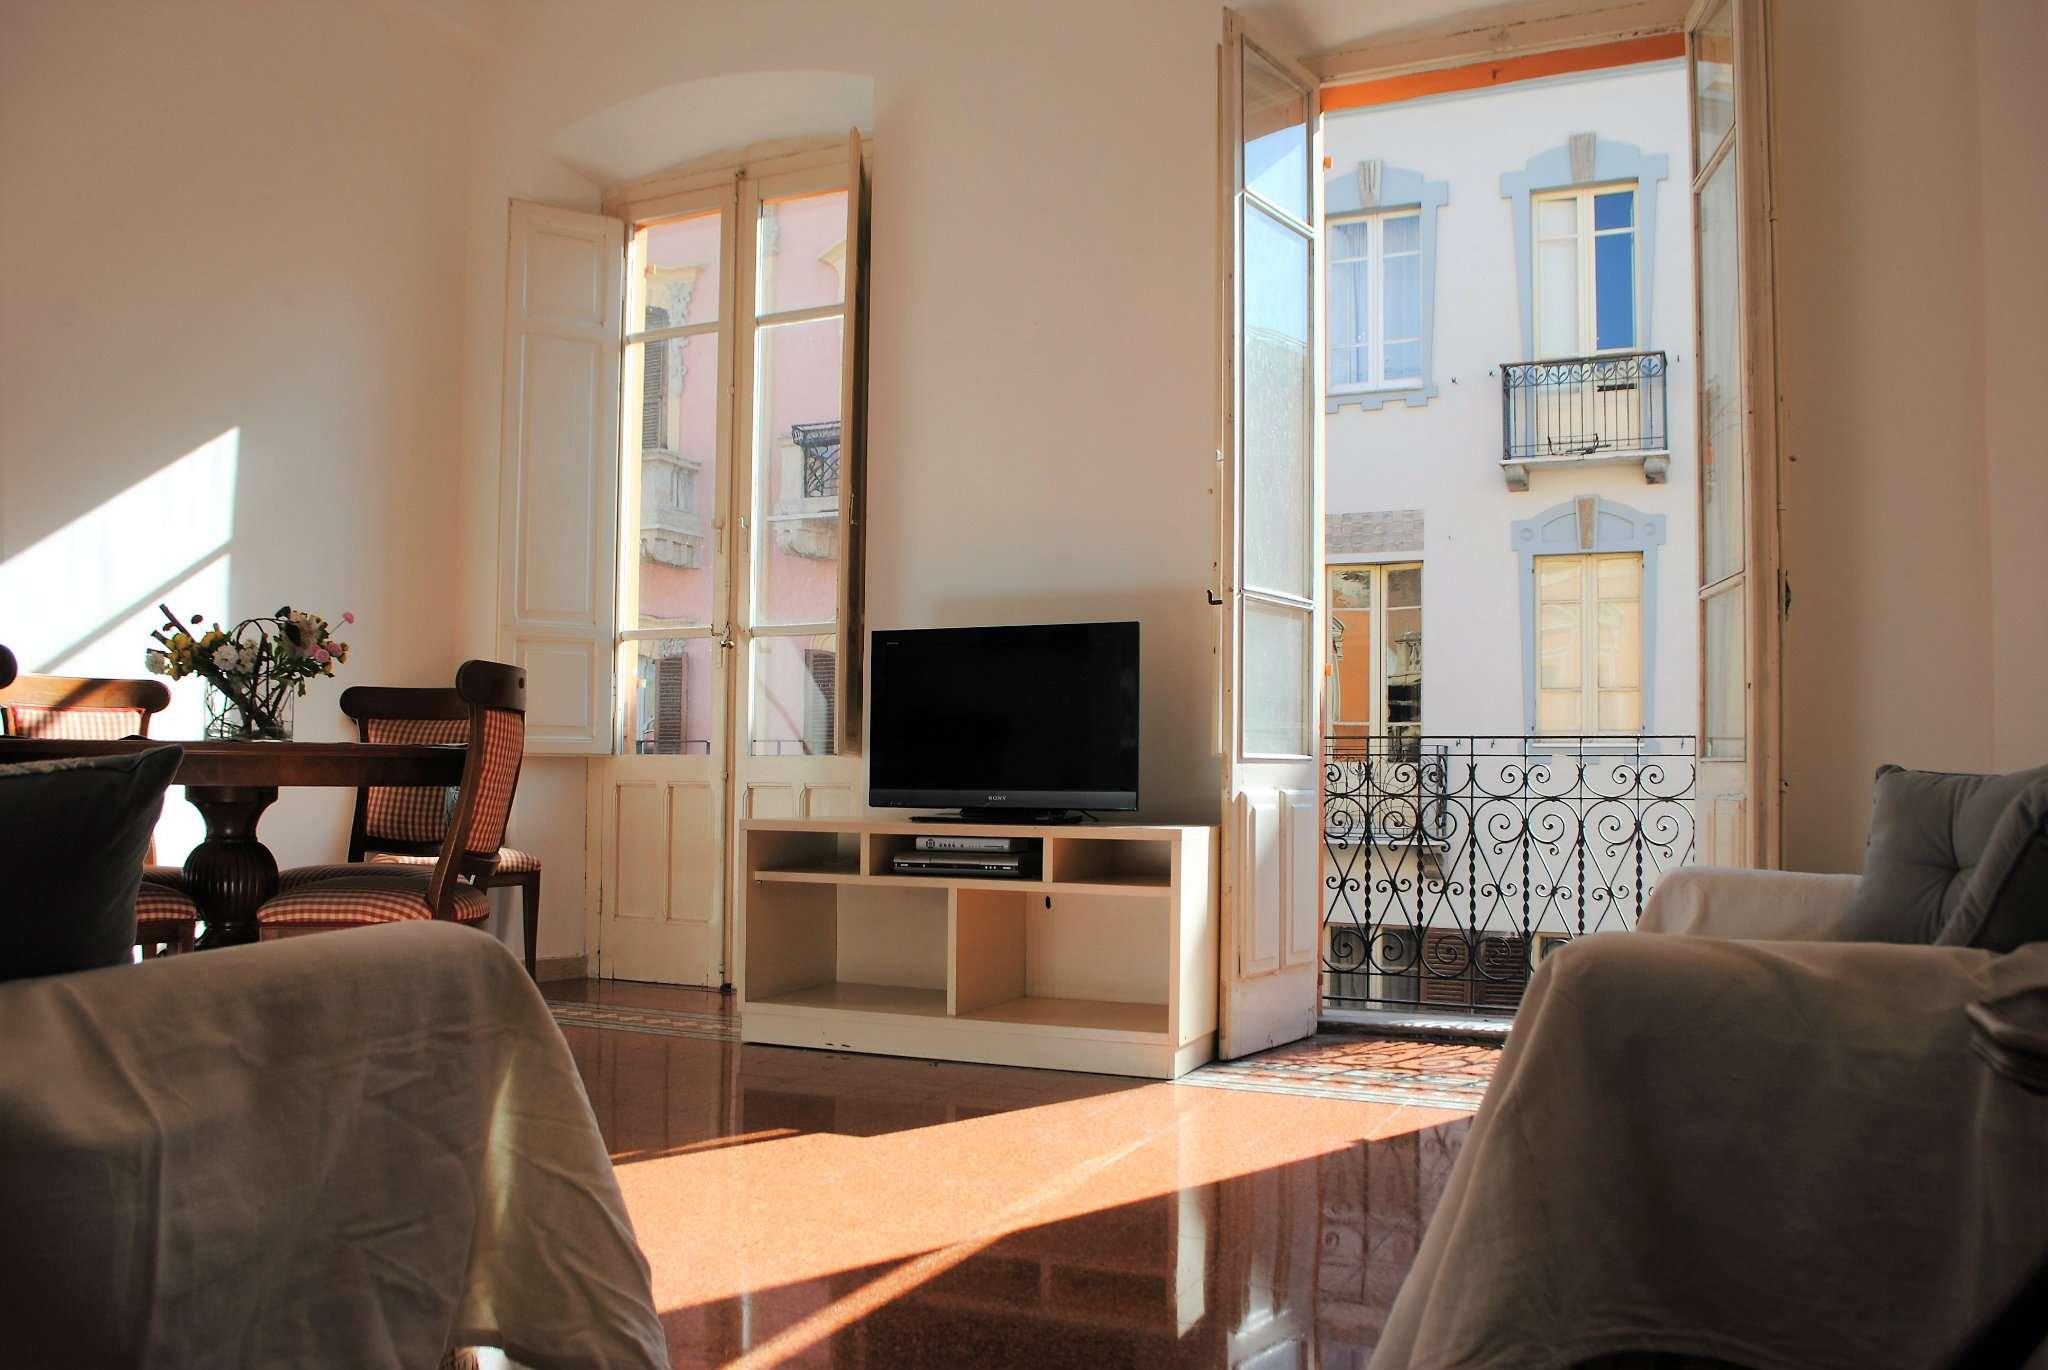 Appartamento trilocale in vendita a Cagliari (CA)